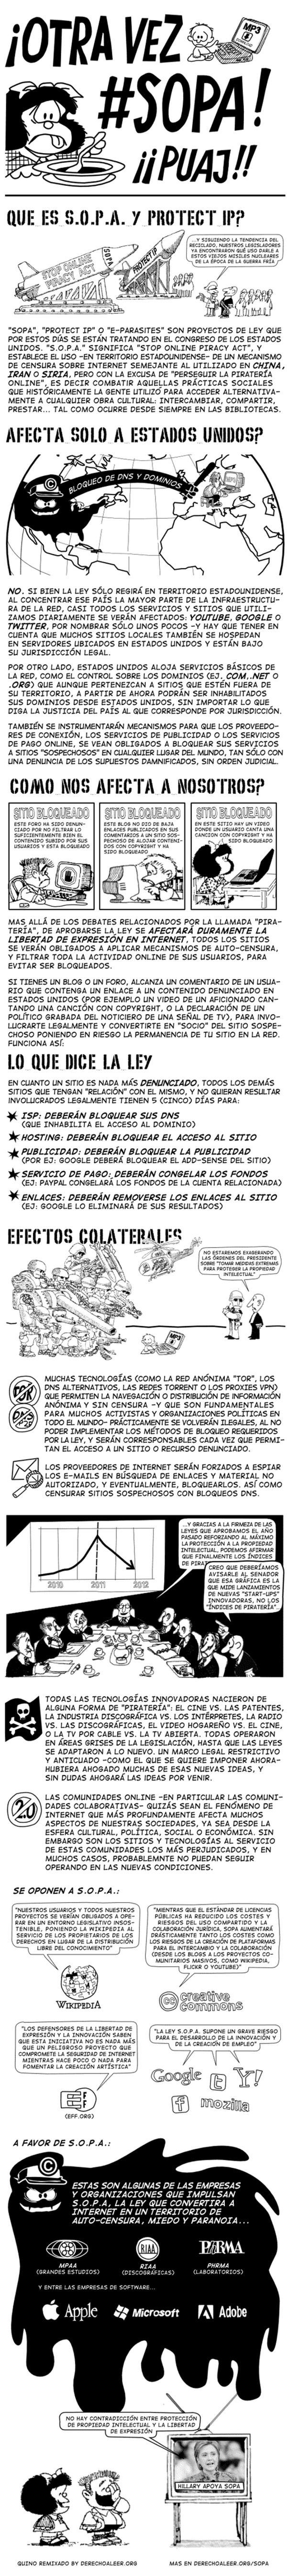 mafalda-sopa.jpg